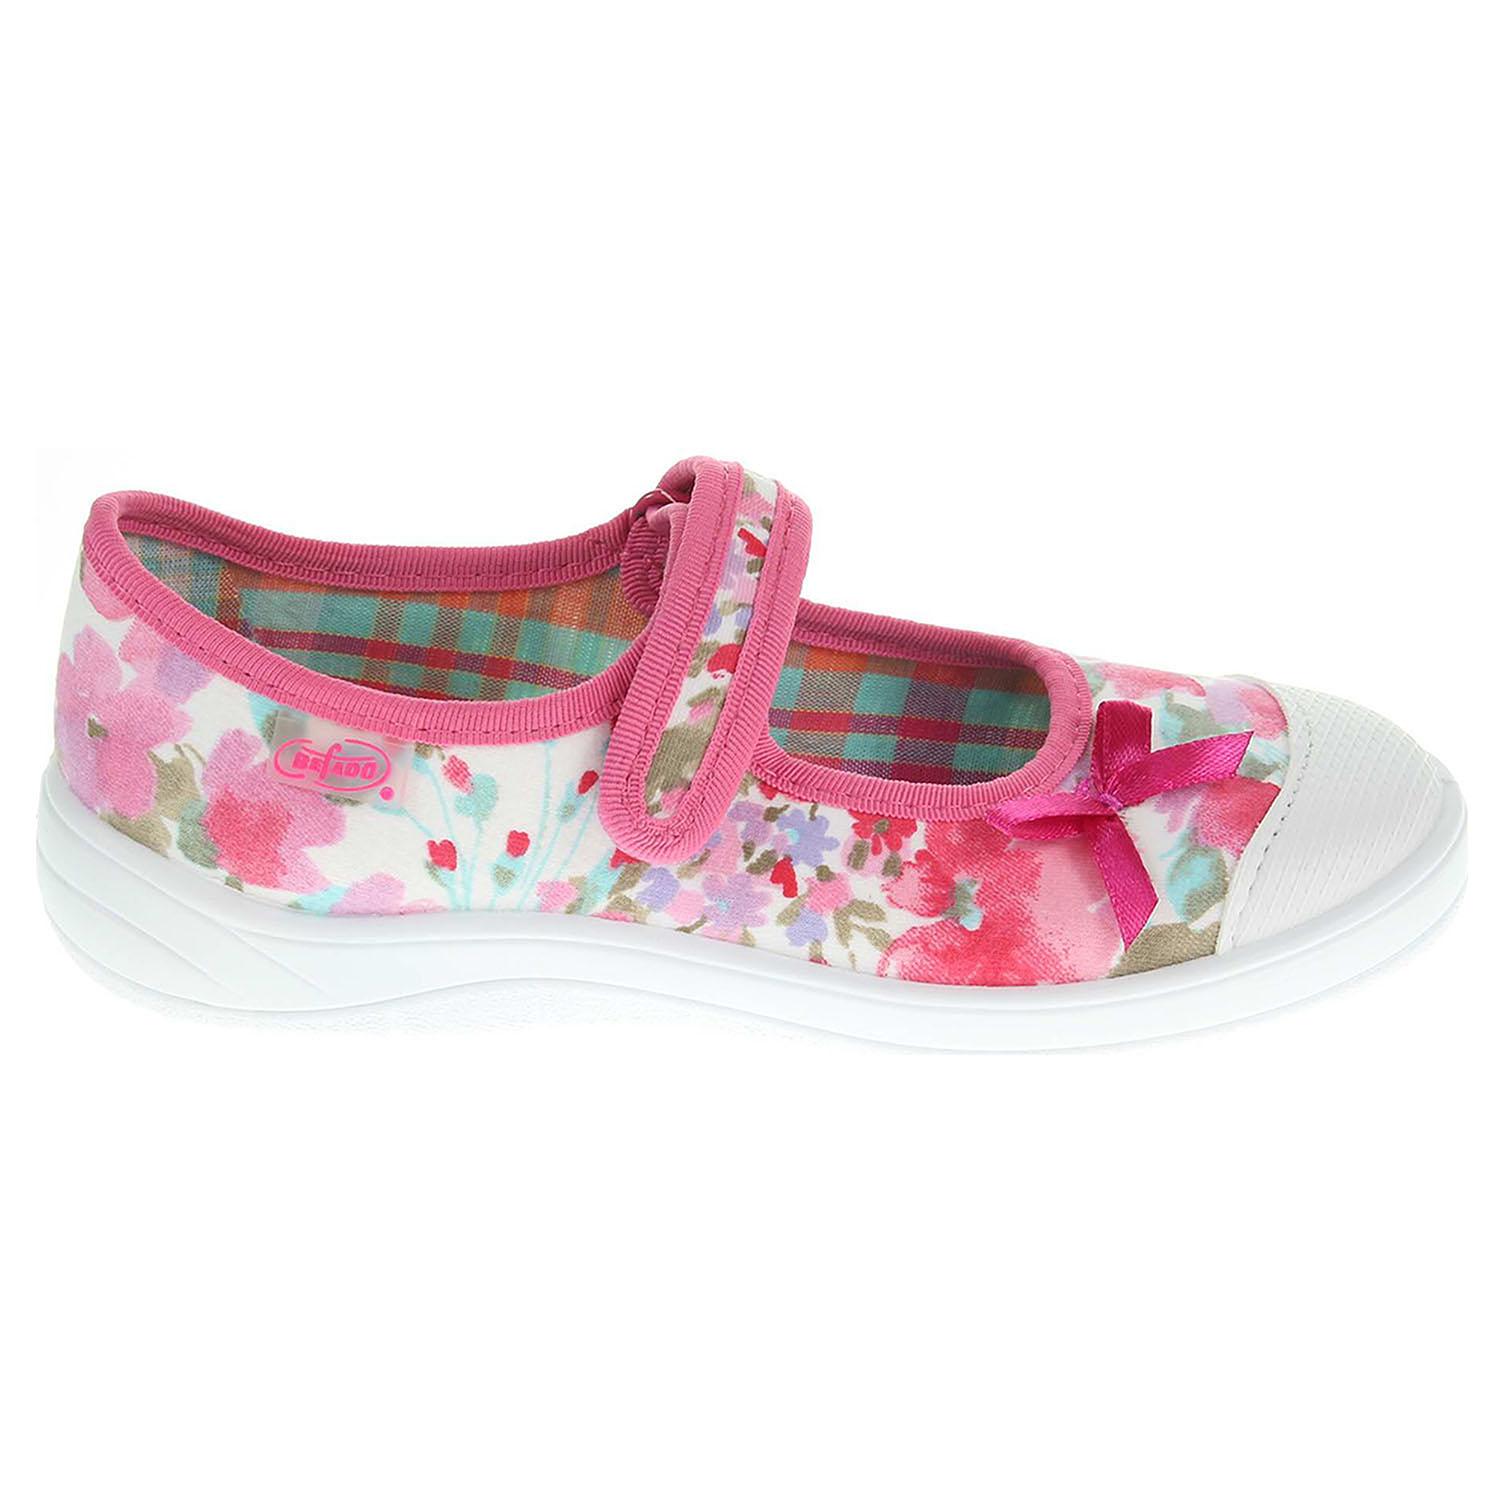 Befado dívčí baleriny 208X032 růžové 27